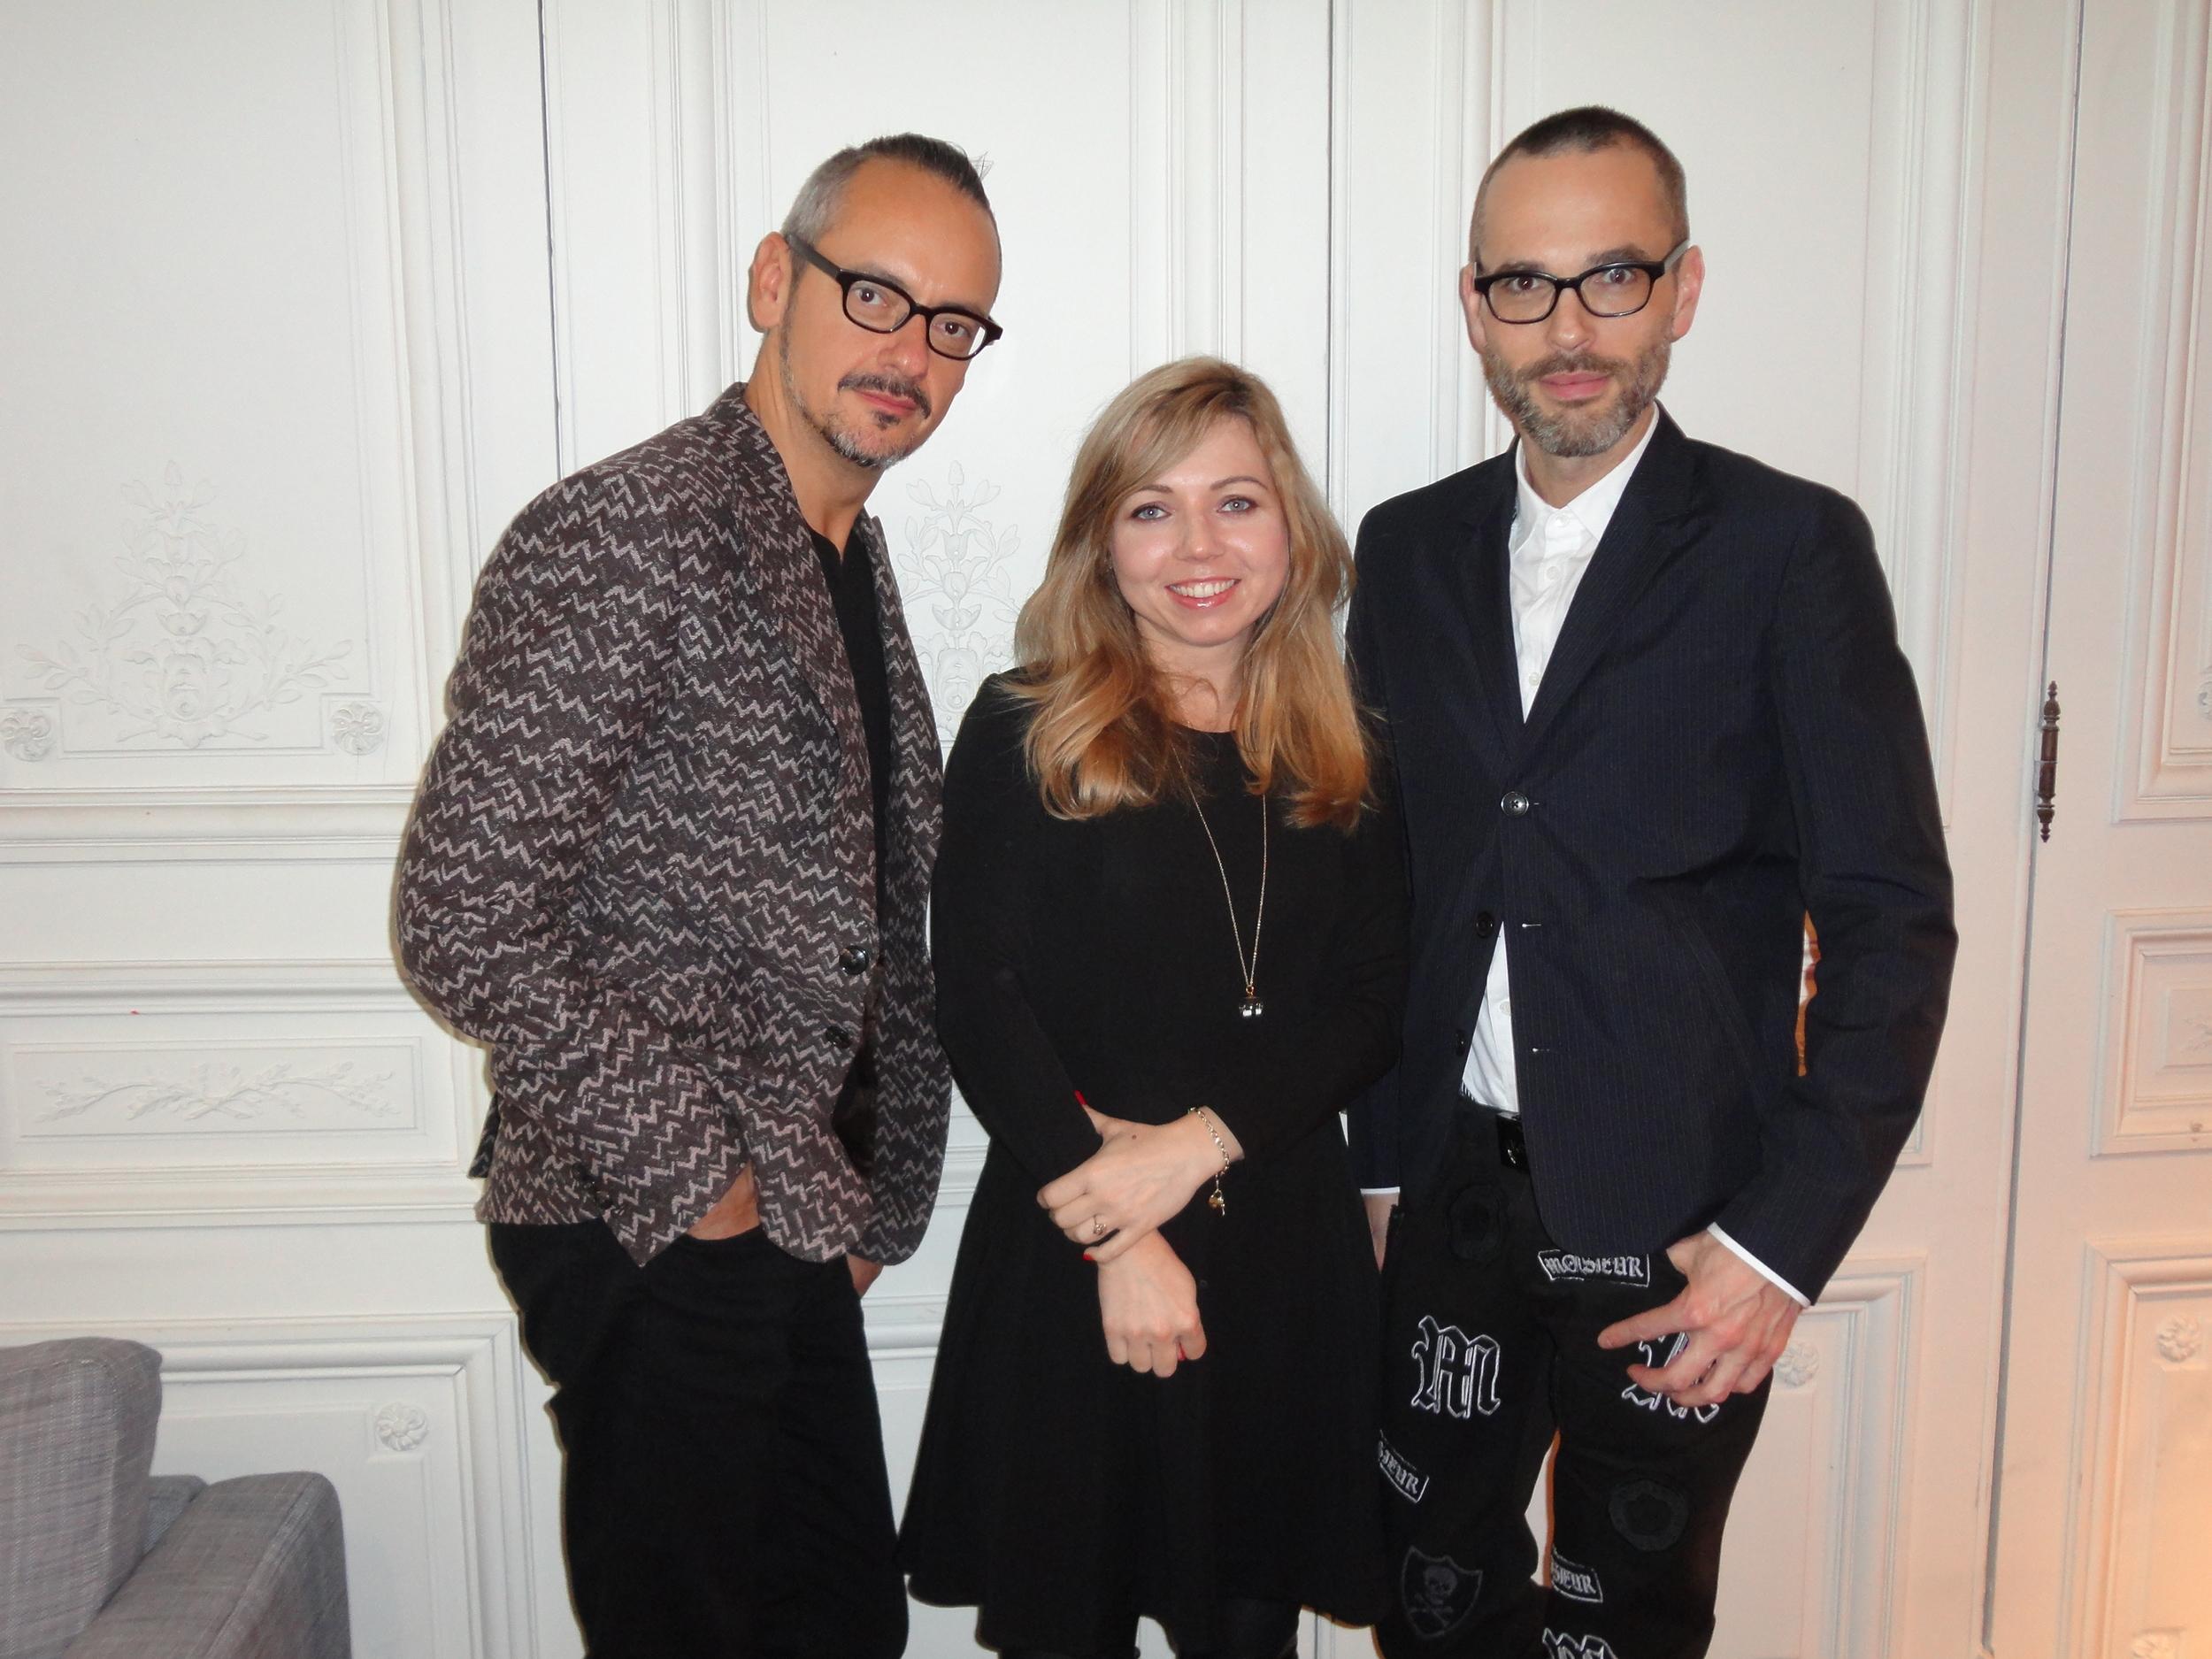 Anna with Viktor & Rolf